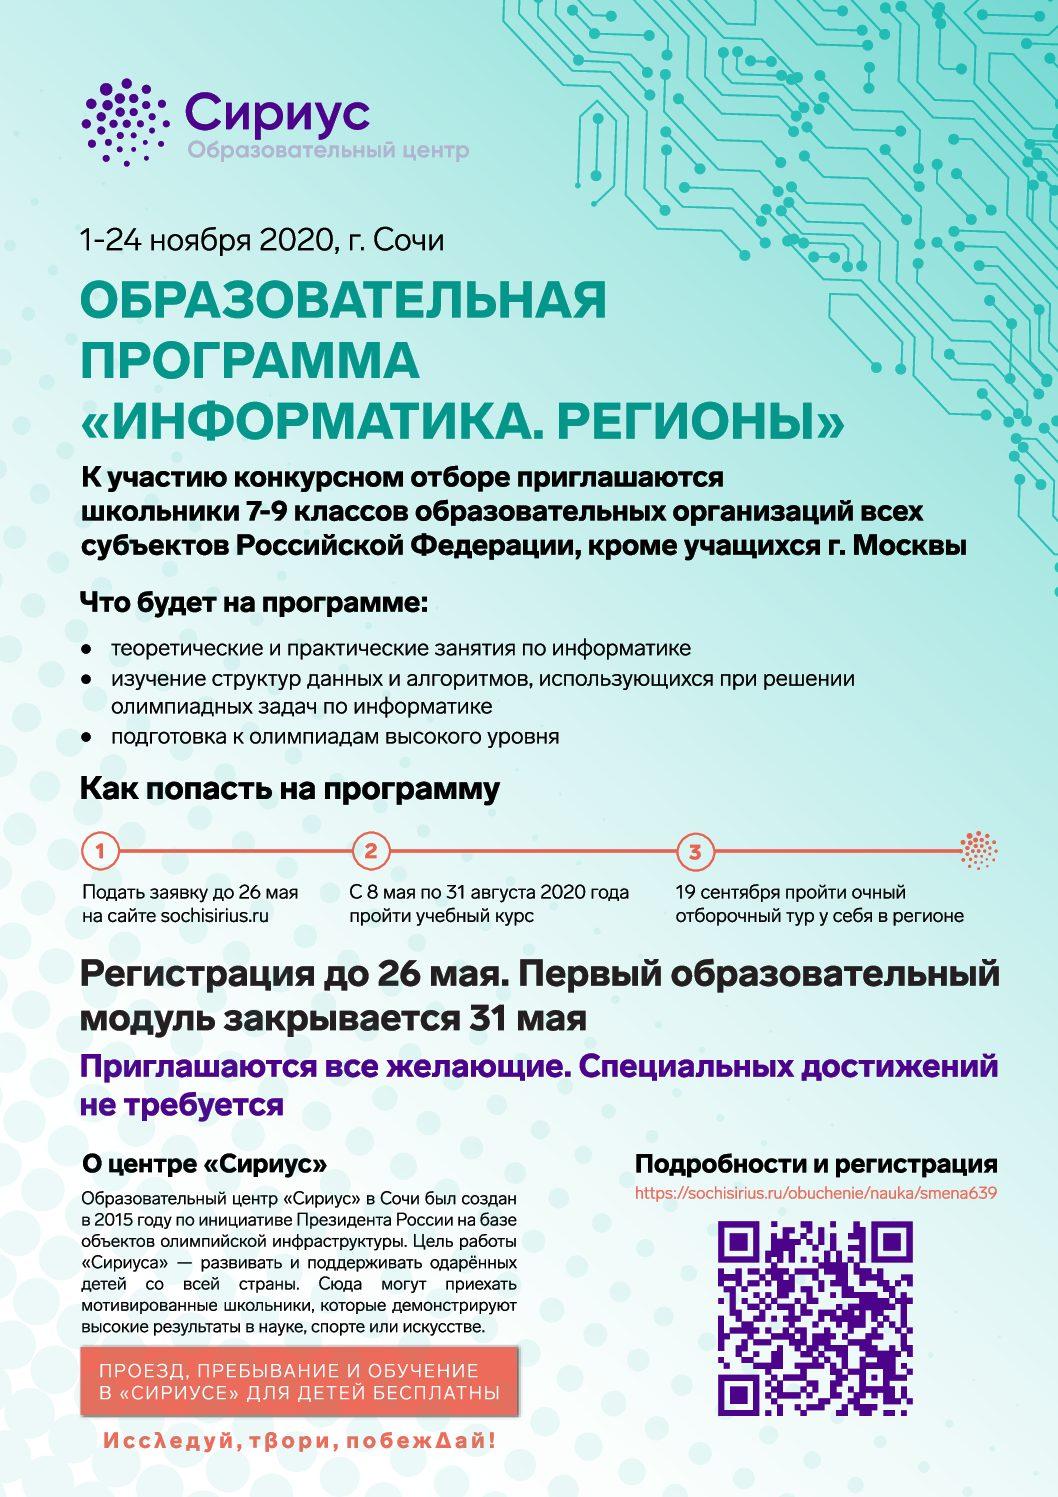 О проведении конкурсного отбора на ноябрьскую образовательную программу «Информатика. Регионы» в Центре «Сириус»